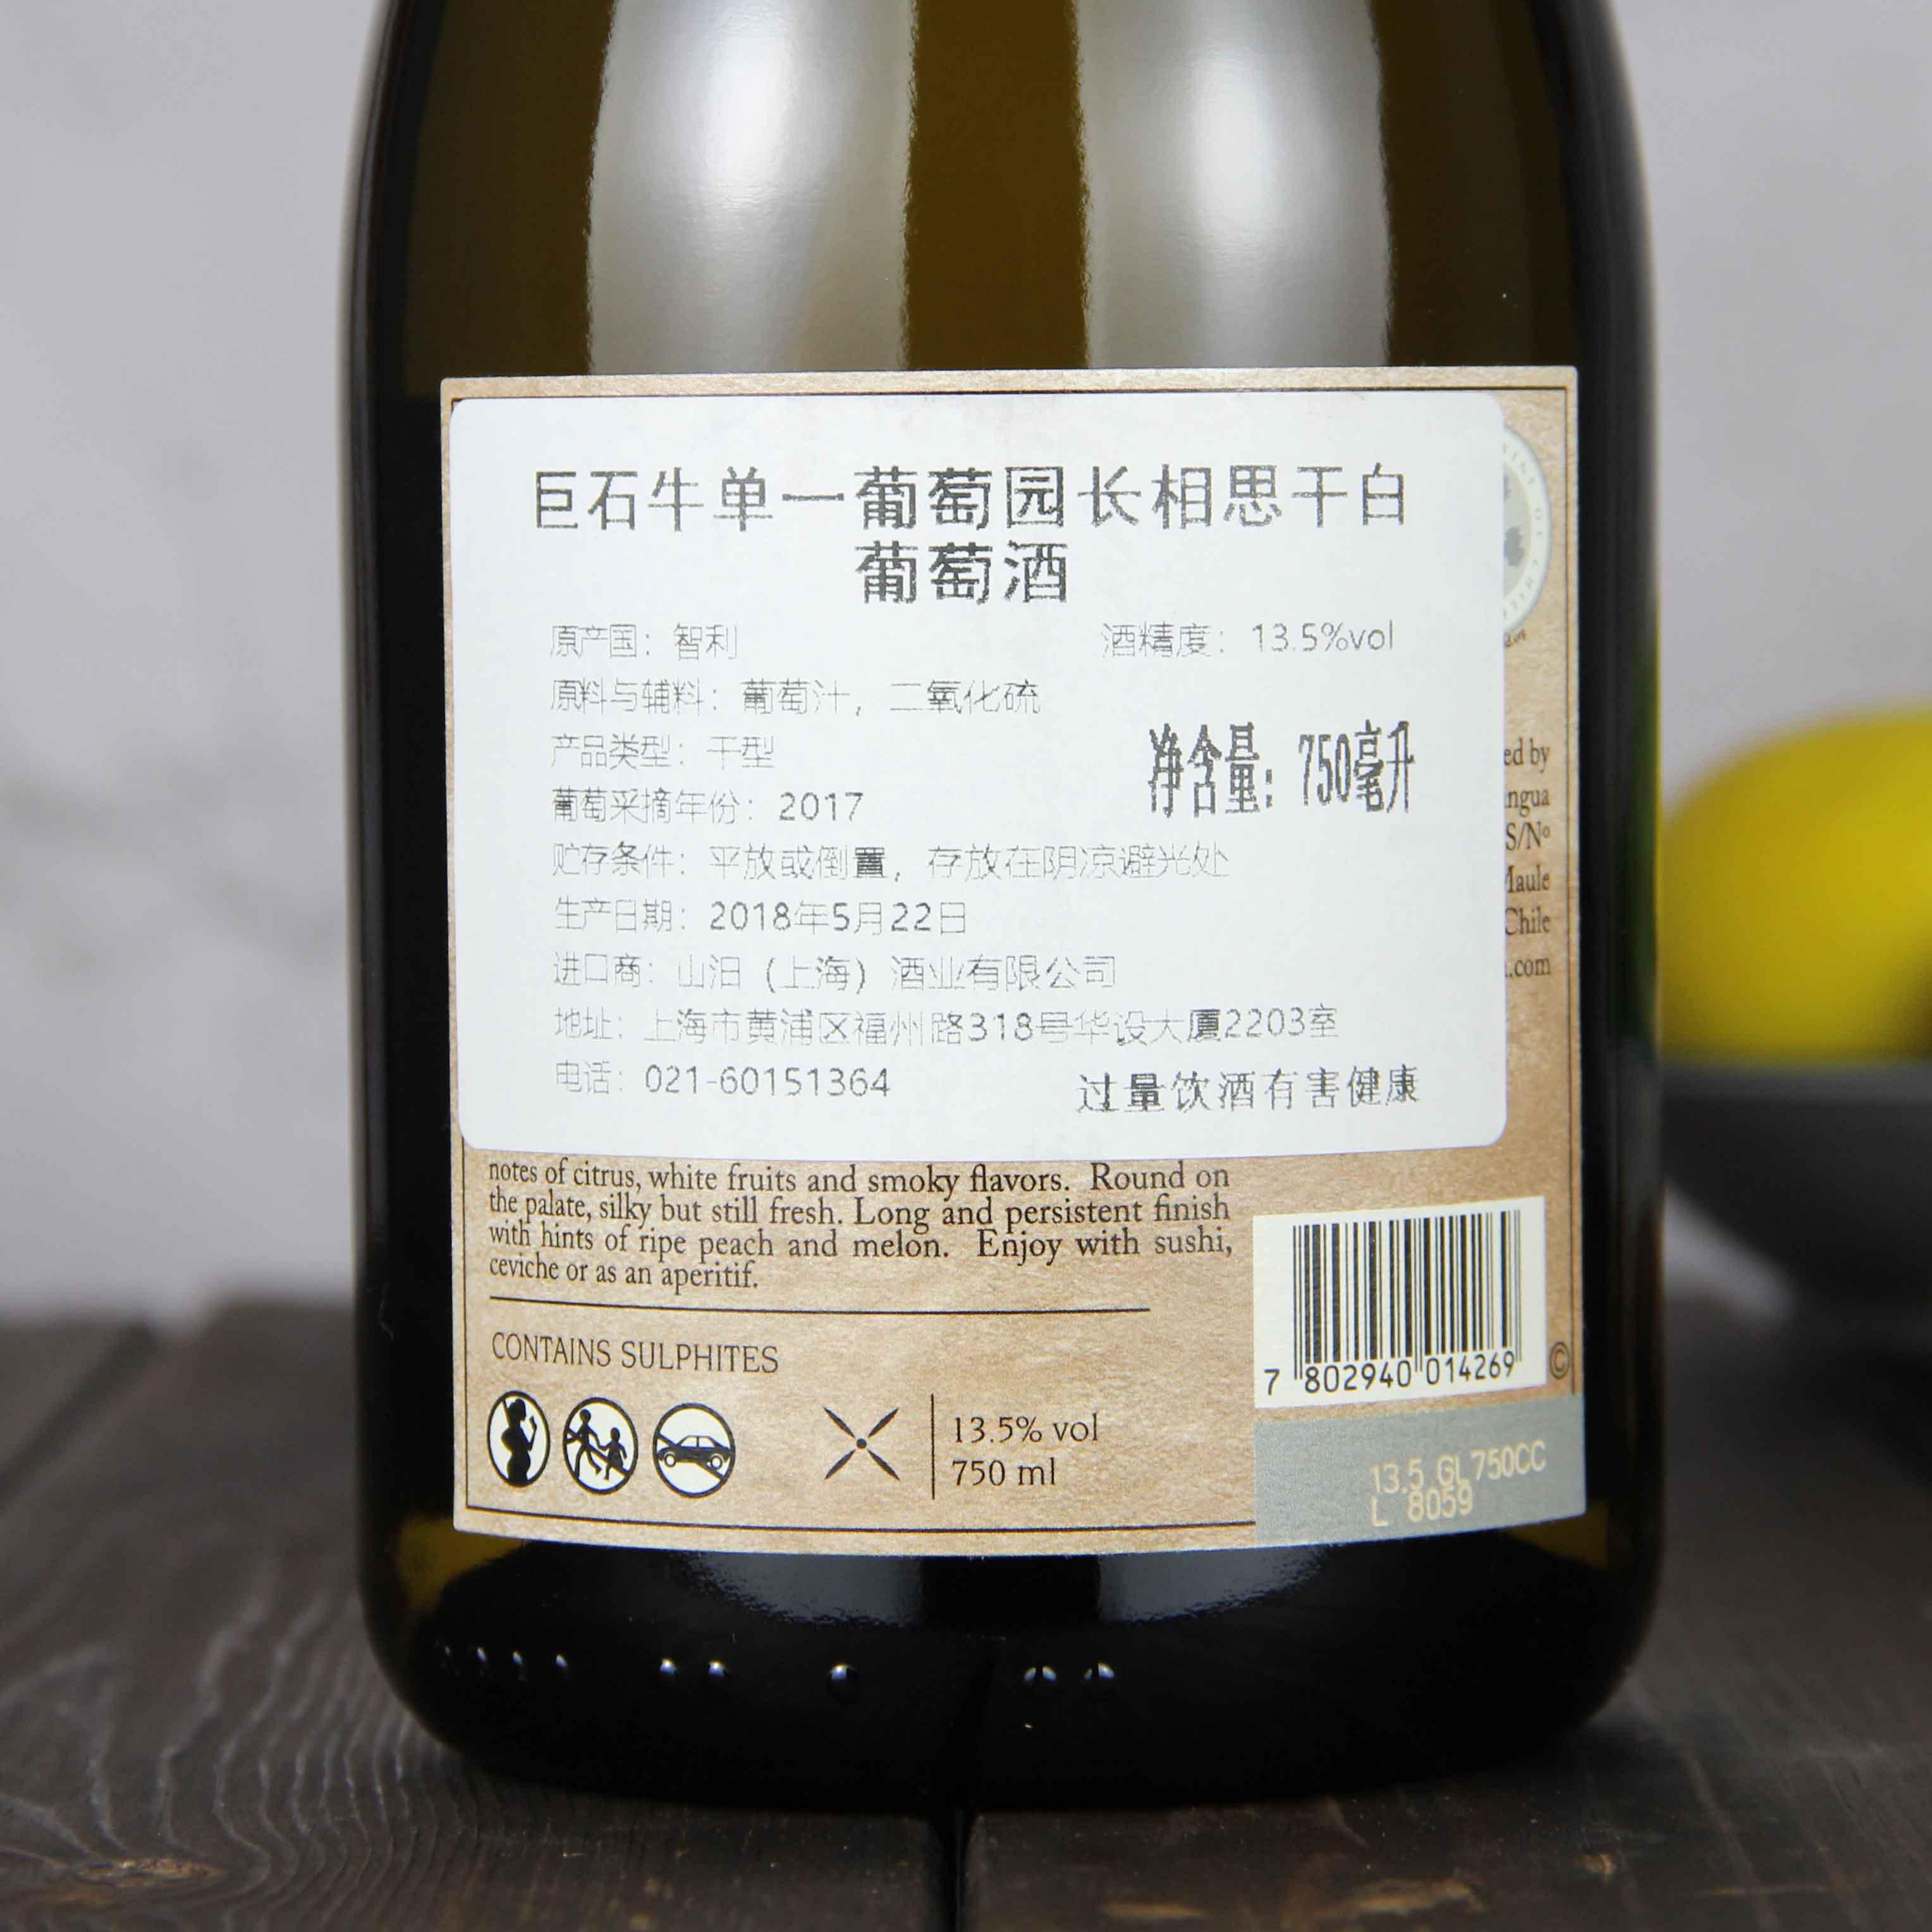 智利巨石牛单一葡萄园长相思干白葡萄酒